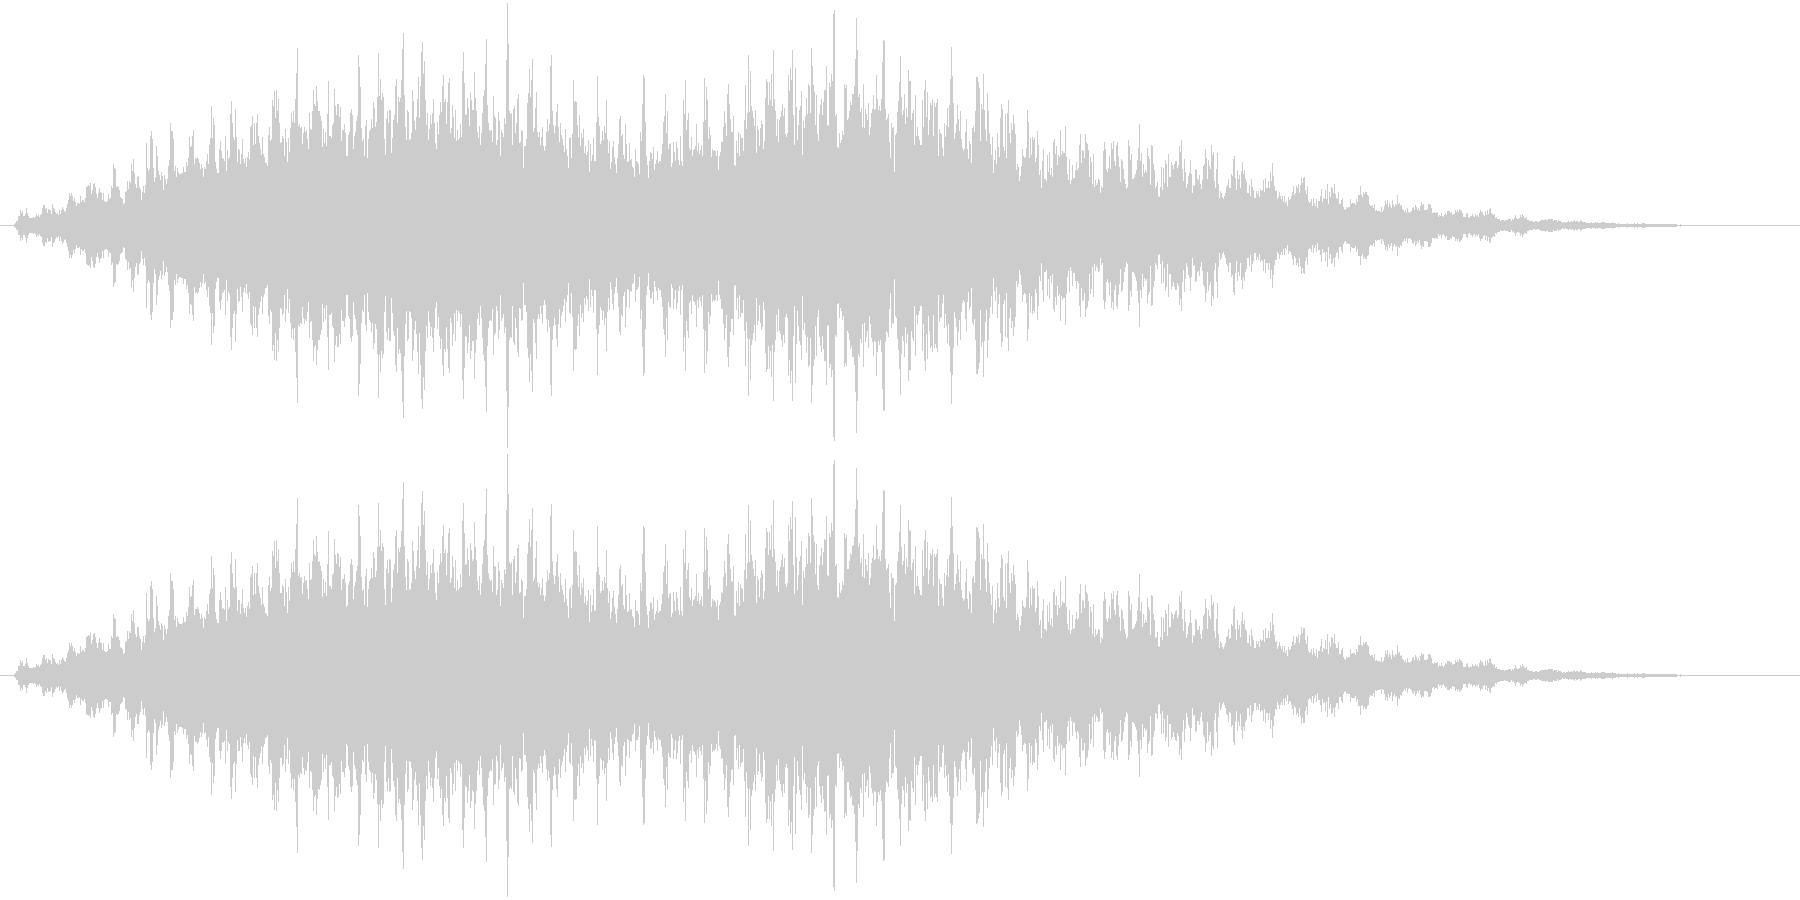 音侍SE「フルフル〜」重めな振り鈴の音の未再生の波形